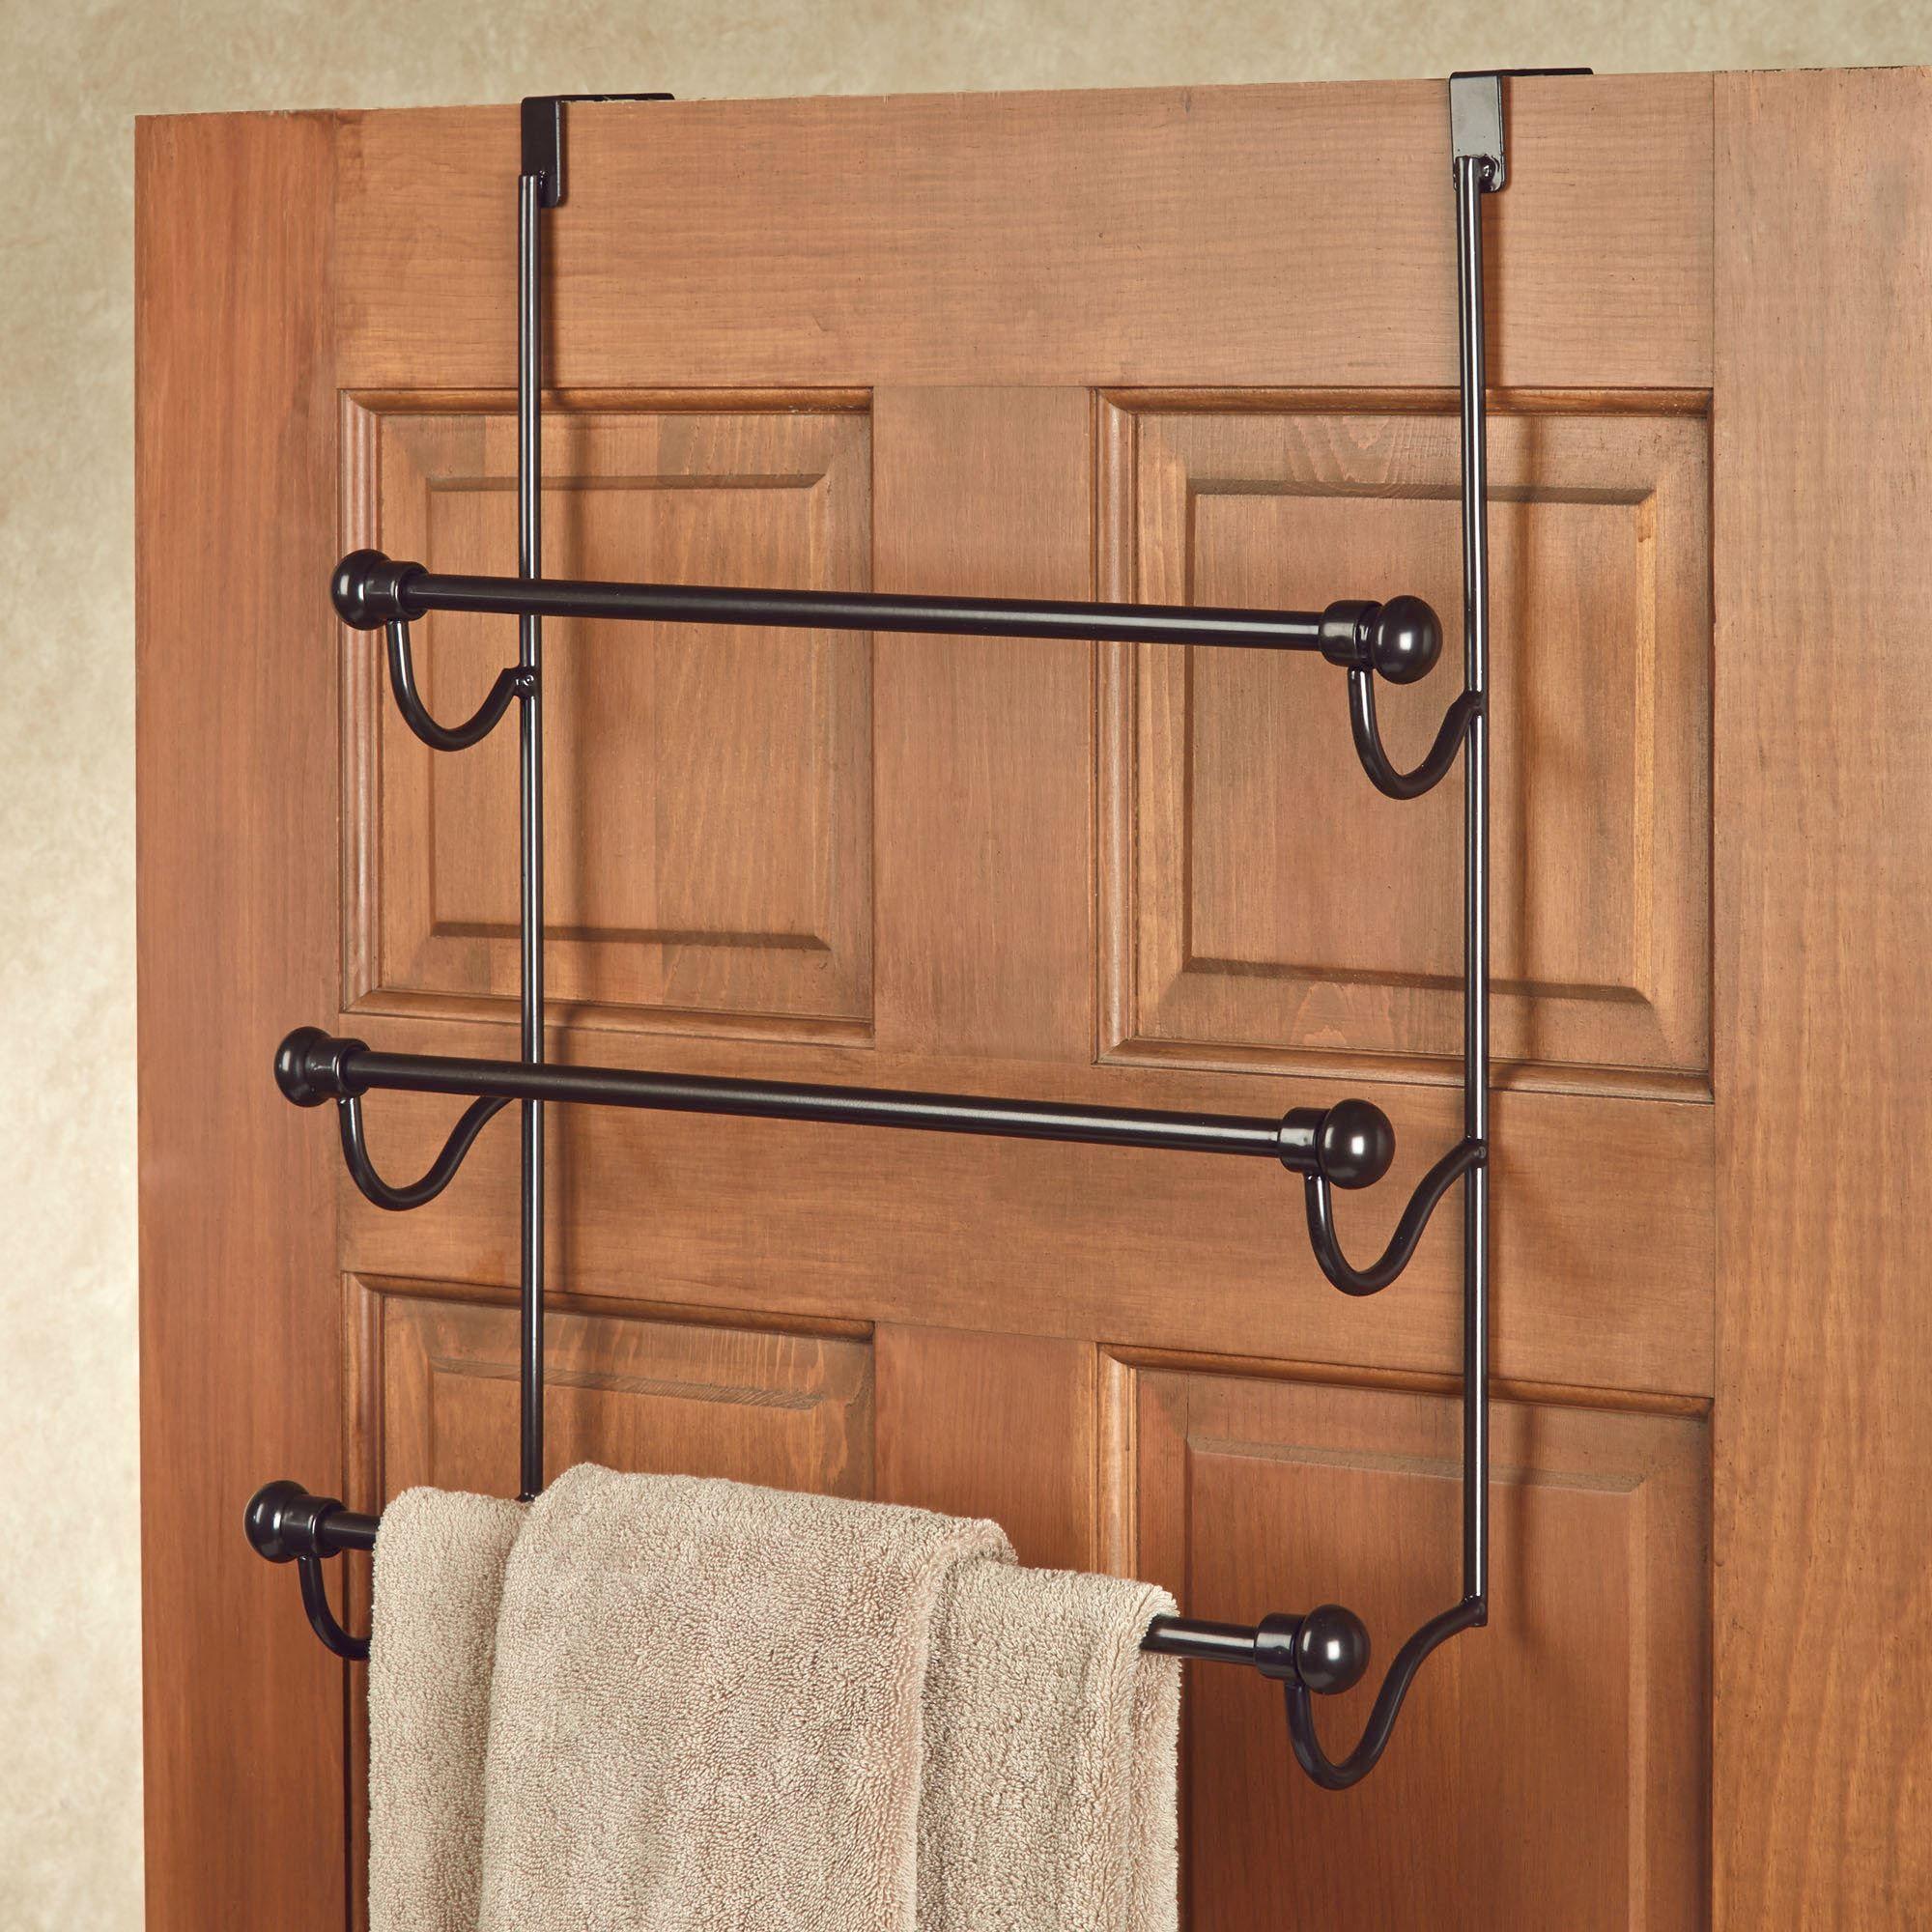 Uncategorized Towel Hangers For Doors bronze over the door three bar towel rack old world click to expand